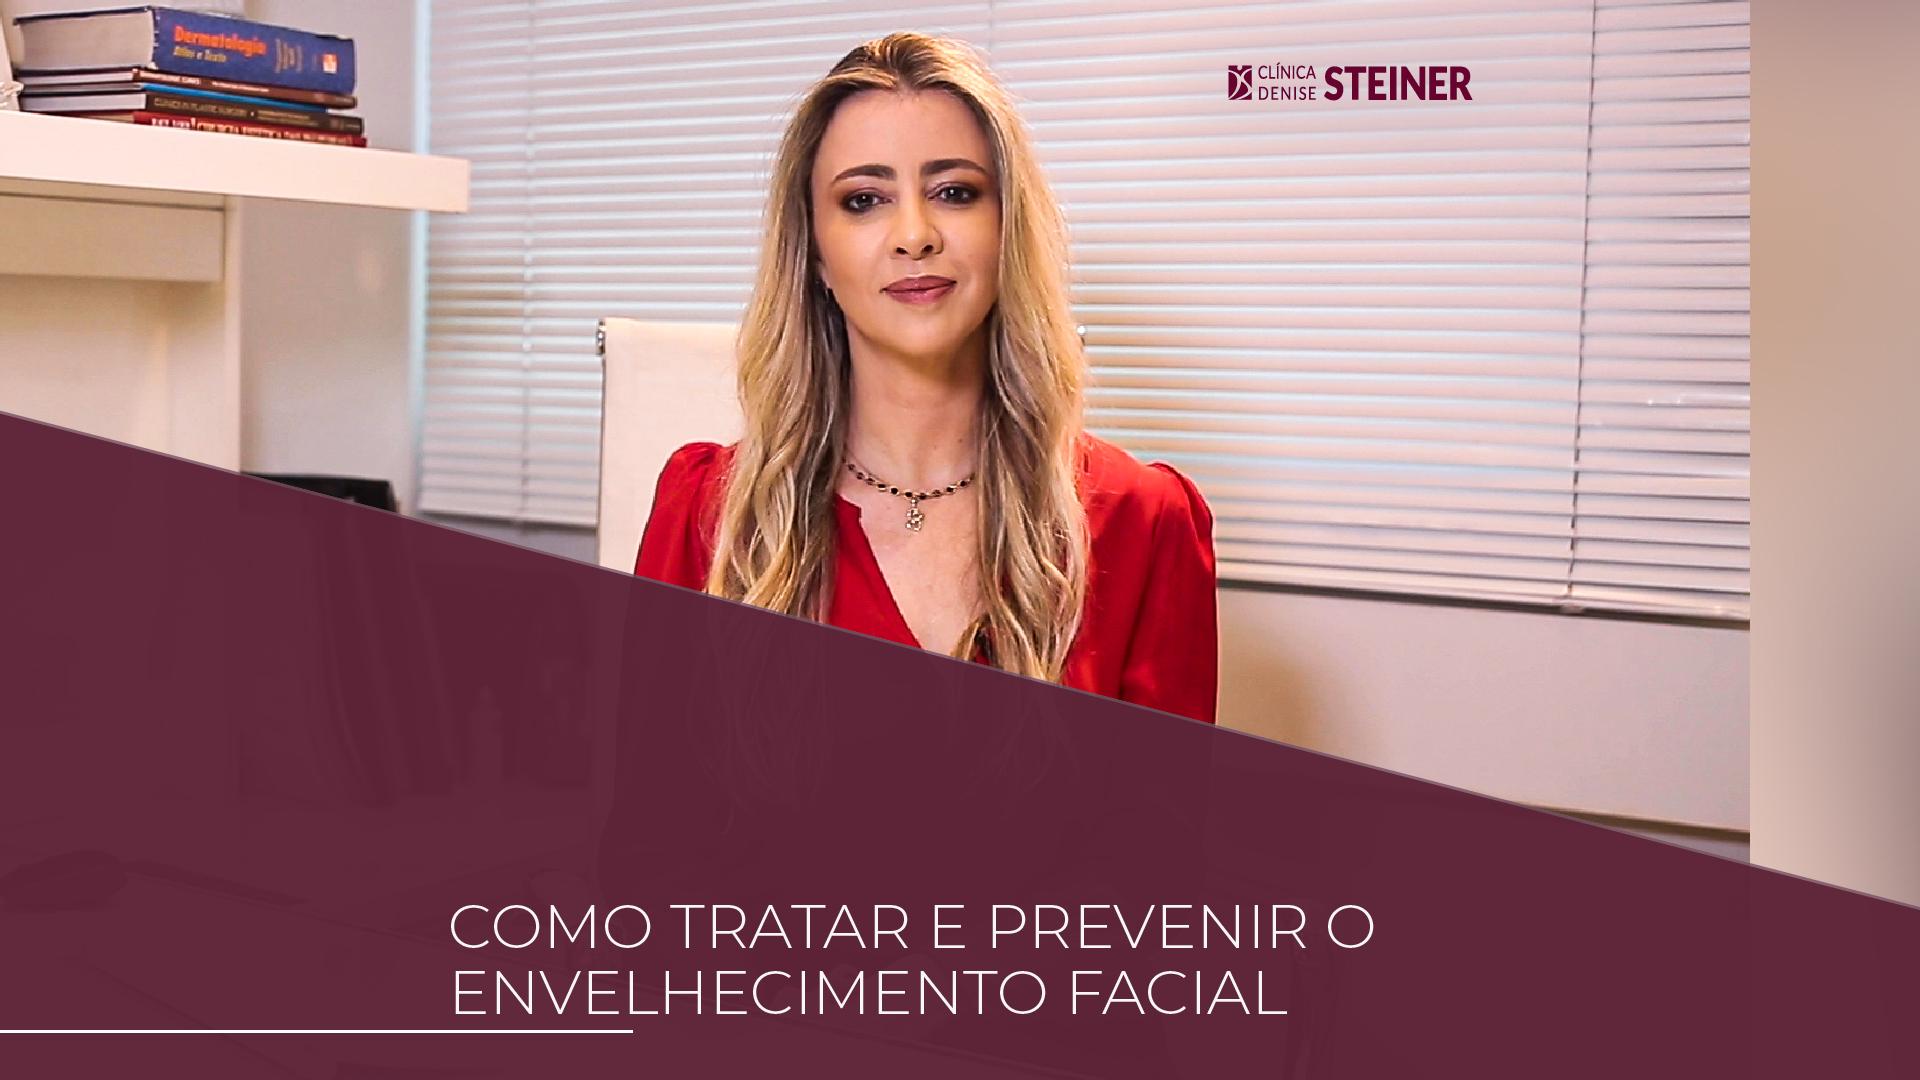 Perda do volume e do contorno e flacidez são as principais queixas das mulheres quando o assunto é o envelhecimento facial. E como tratar essas alterações? Conheça os procedimentos e tecnologias que atuam na flacidez do rosto.